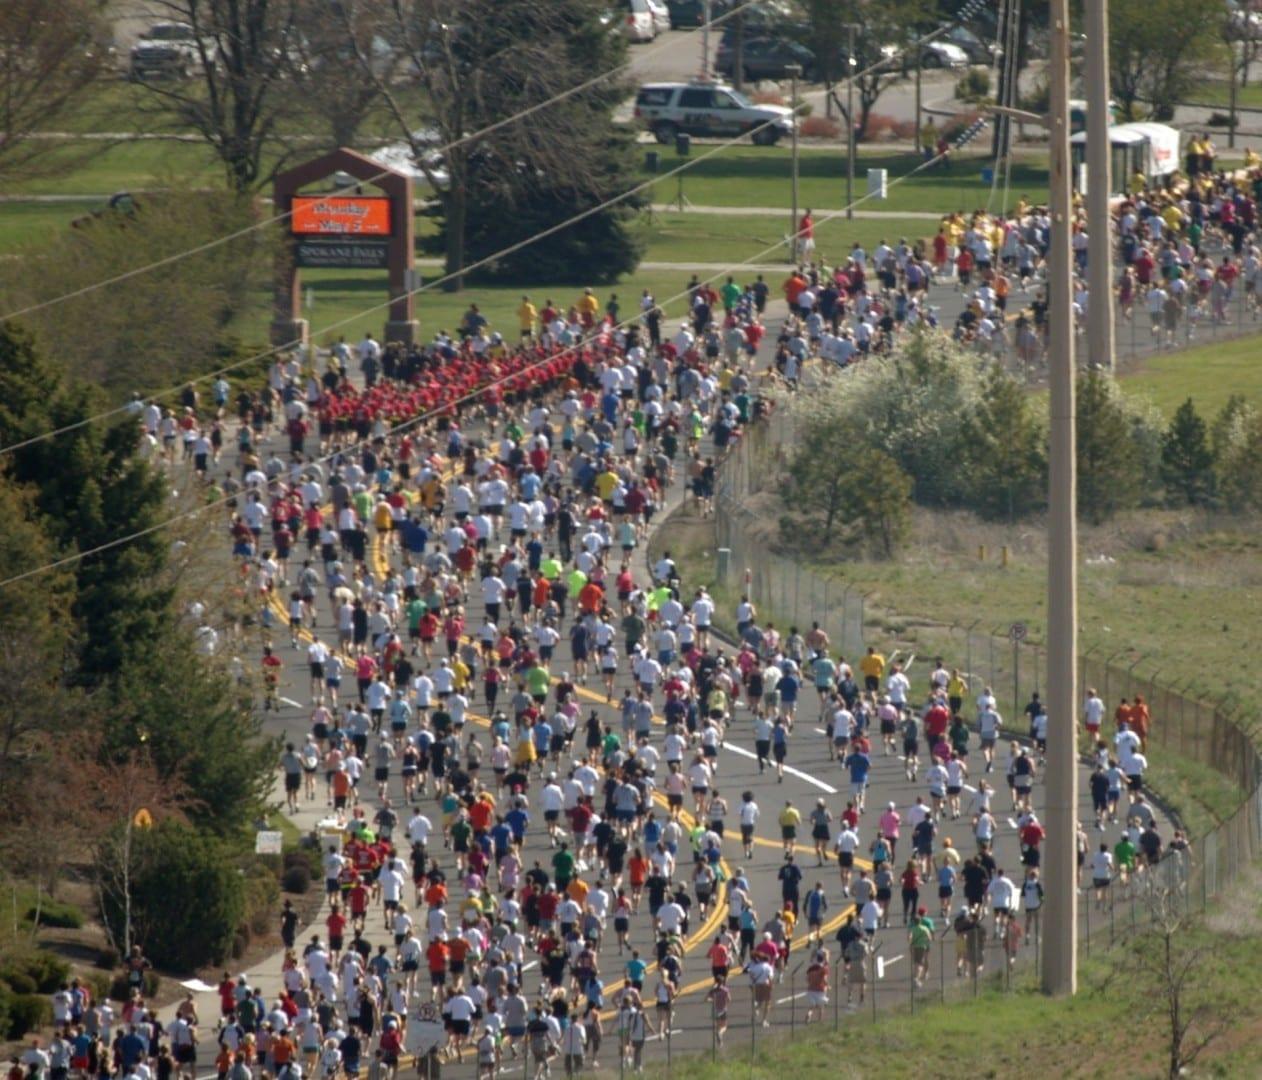 los corredores que participan en la carrera de Bloomsday Spokane WA Estados Unidos